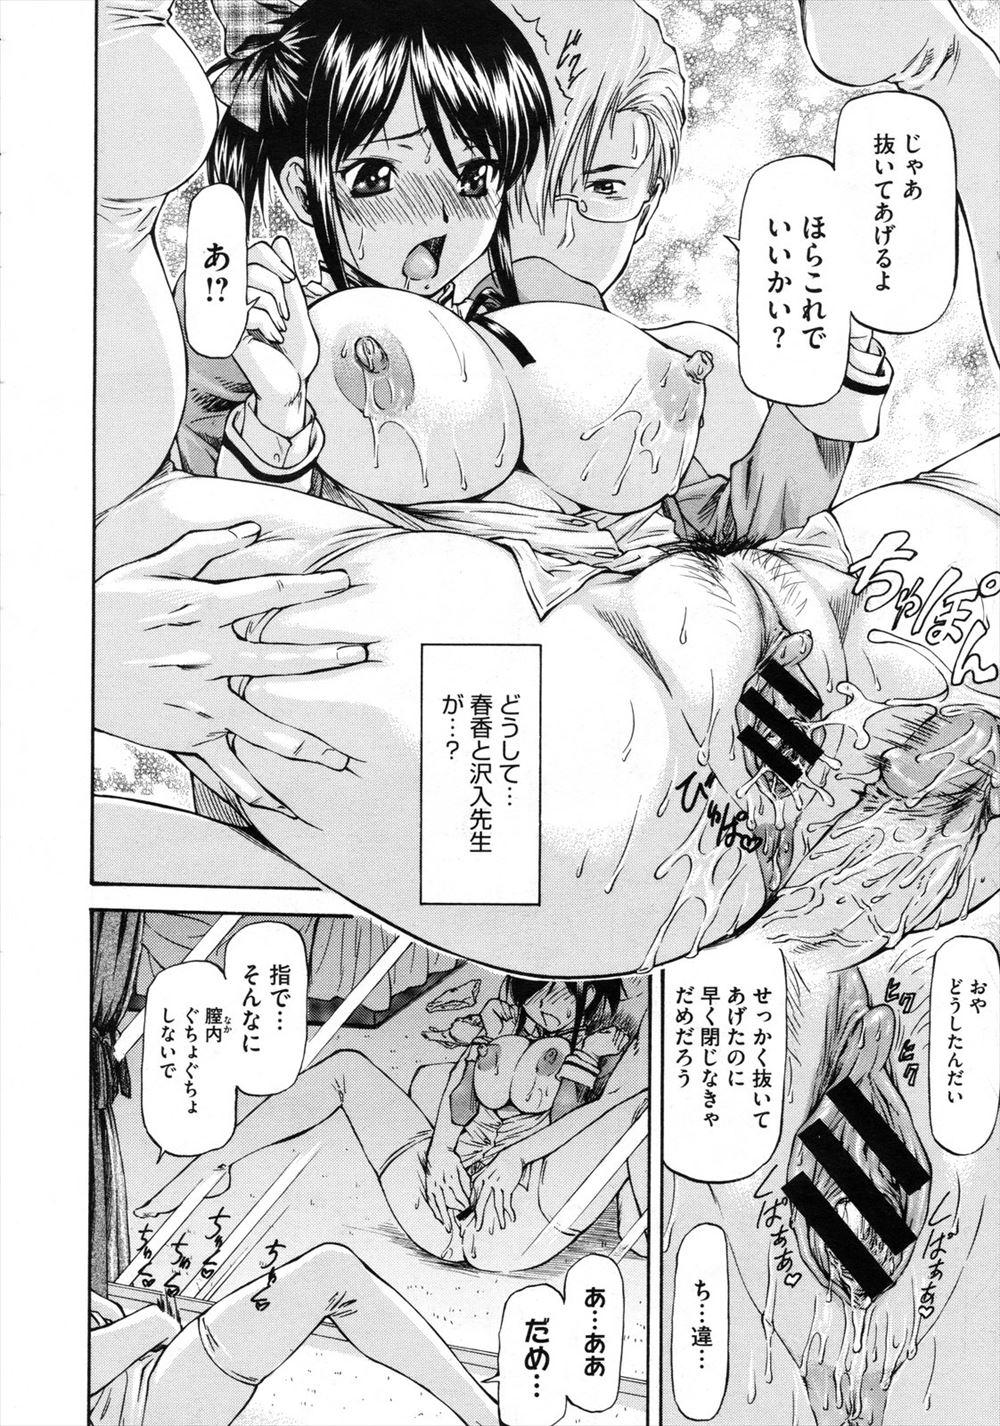 【エロ漫画】【エロ漫画】幼馴染のことが好きなのに先生に調教されている巨乳JK…彼がクラスの女子に呼び出され拘束されマジックミラー越しに彼女の乱れた姿を見ながら中出しセックス【流一本:カガミごしの告白】